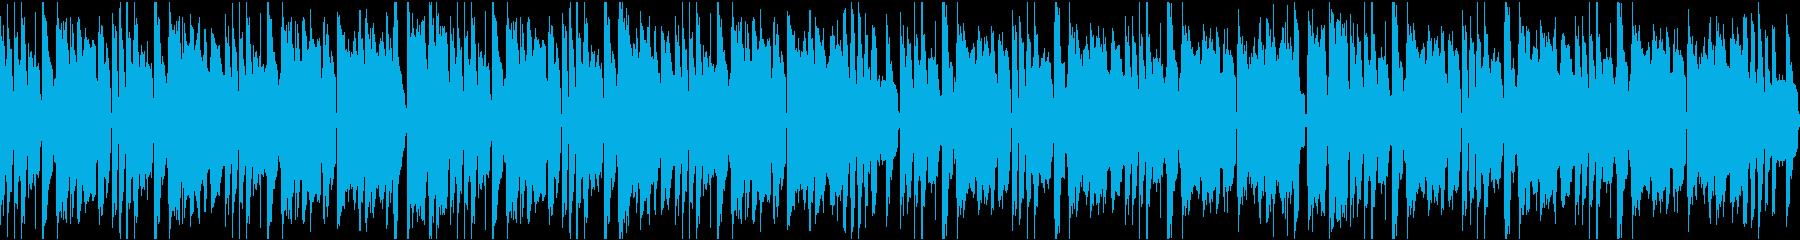 かわいいコミカル/静かめ/ループの再生済みの波形